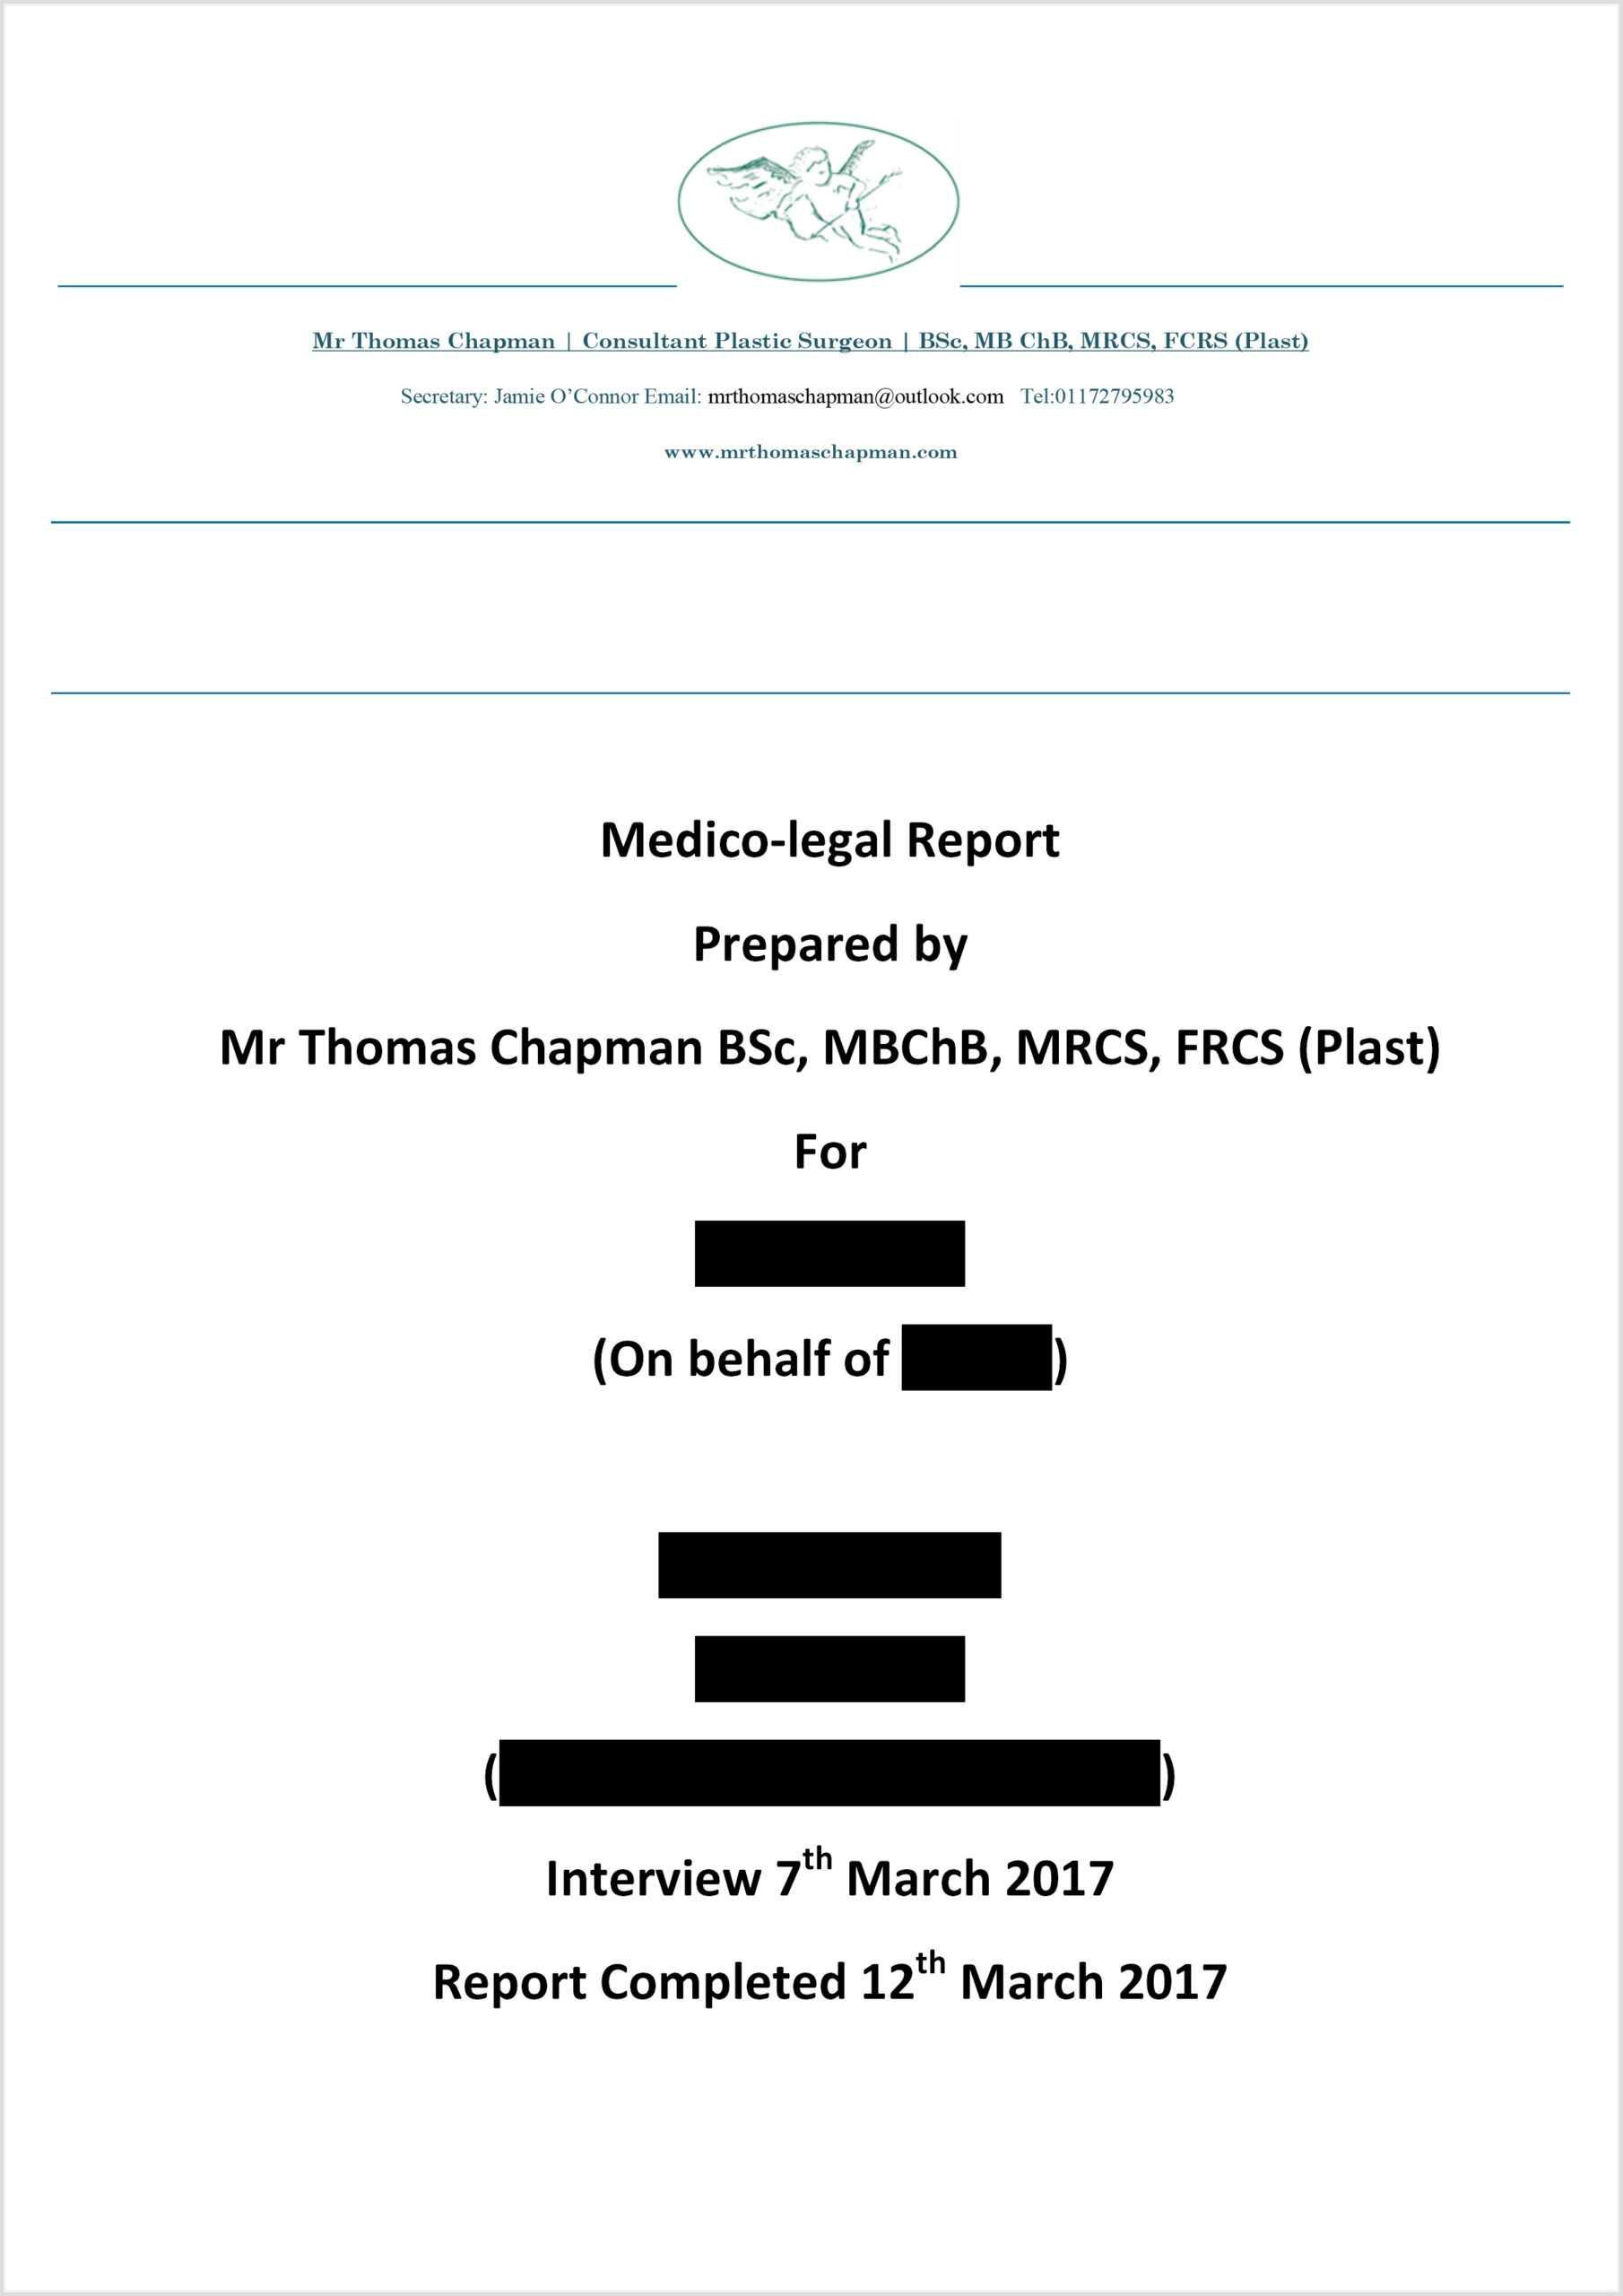 Medicolegal Reporting - Mr Thomas Chapman In Medical Legal Report Template